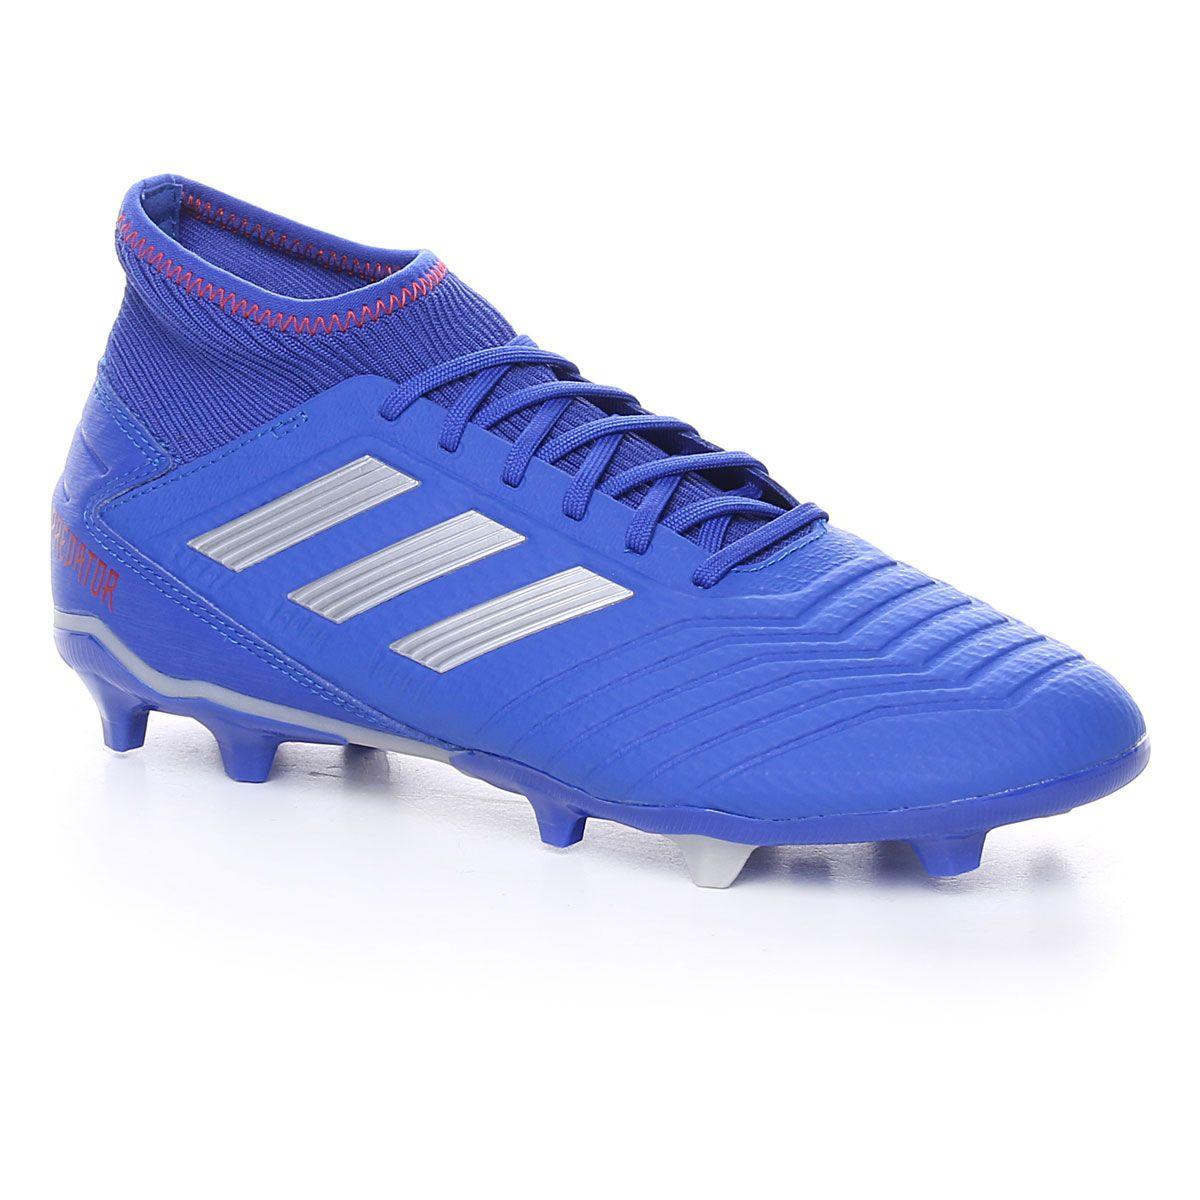 adidas Predator 19.3 Fg Bold Blue